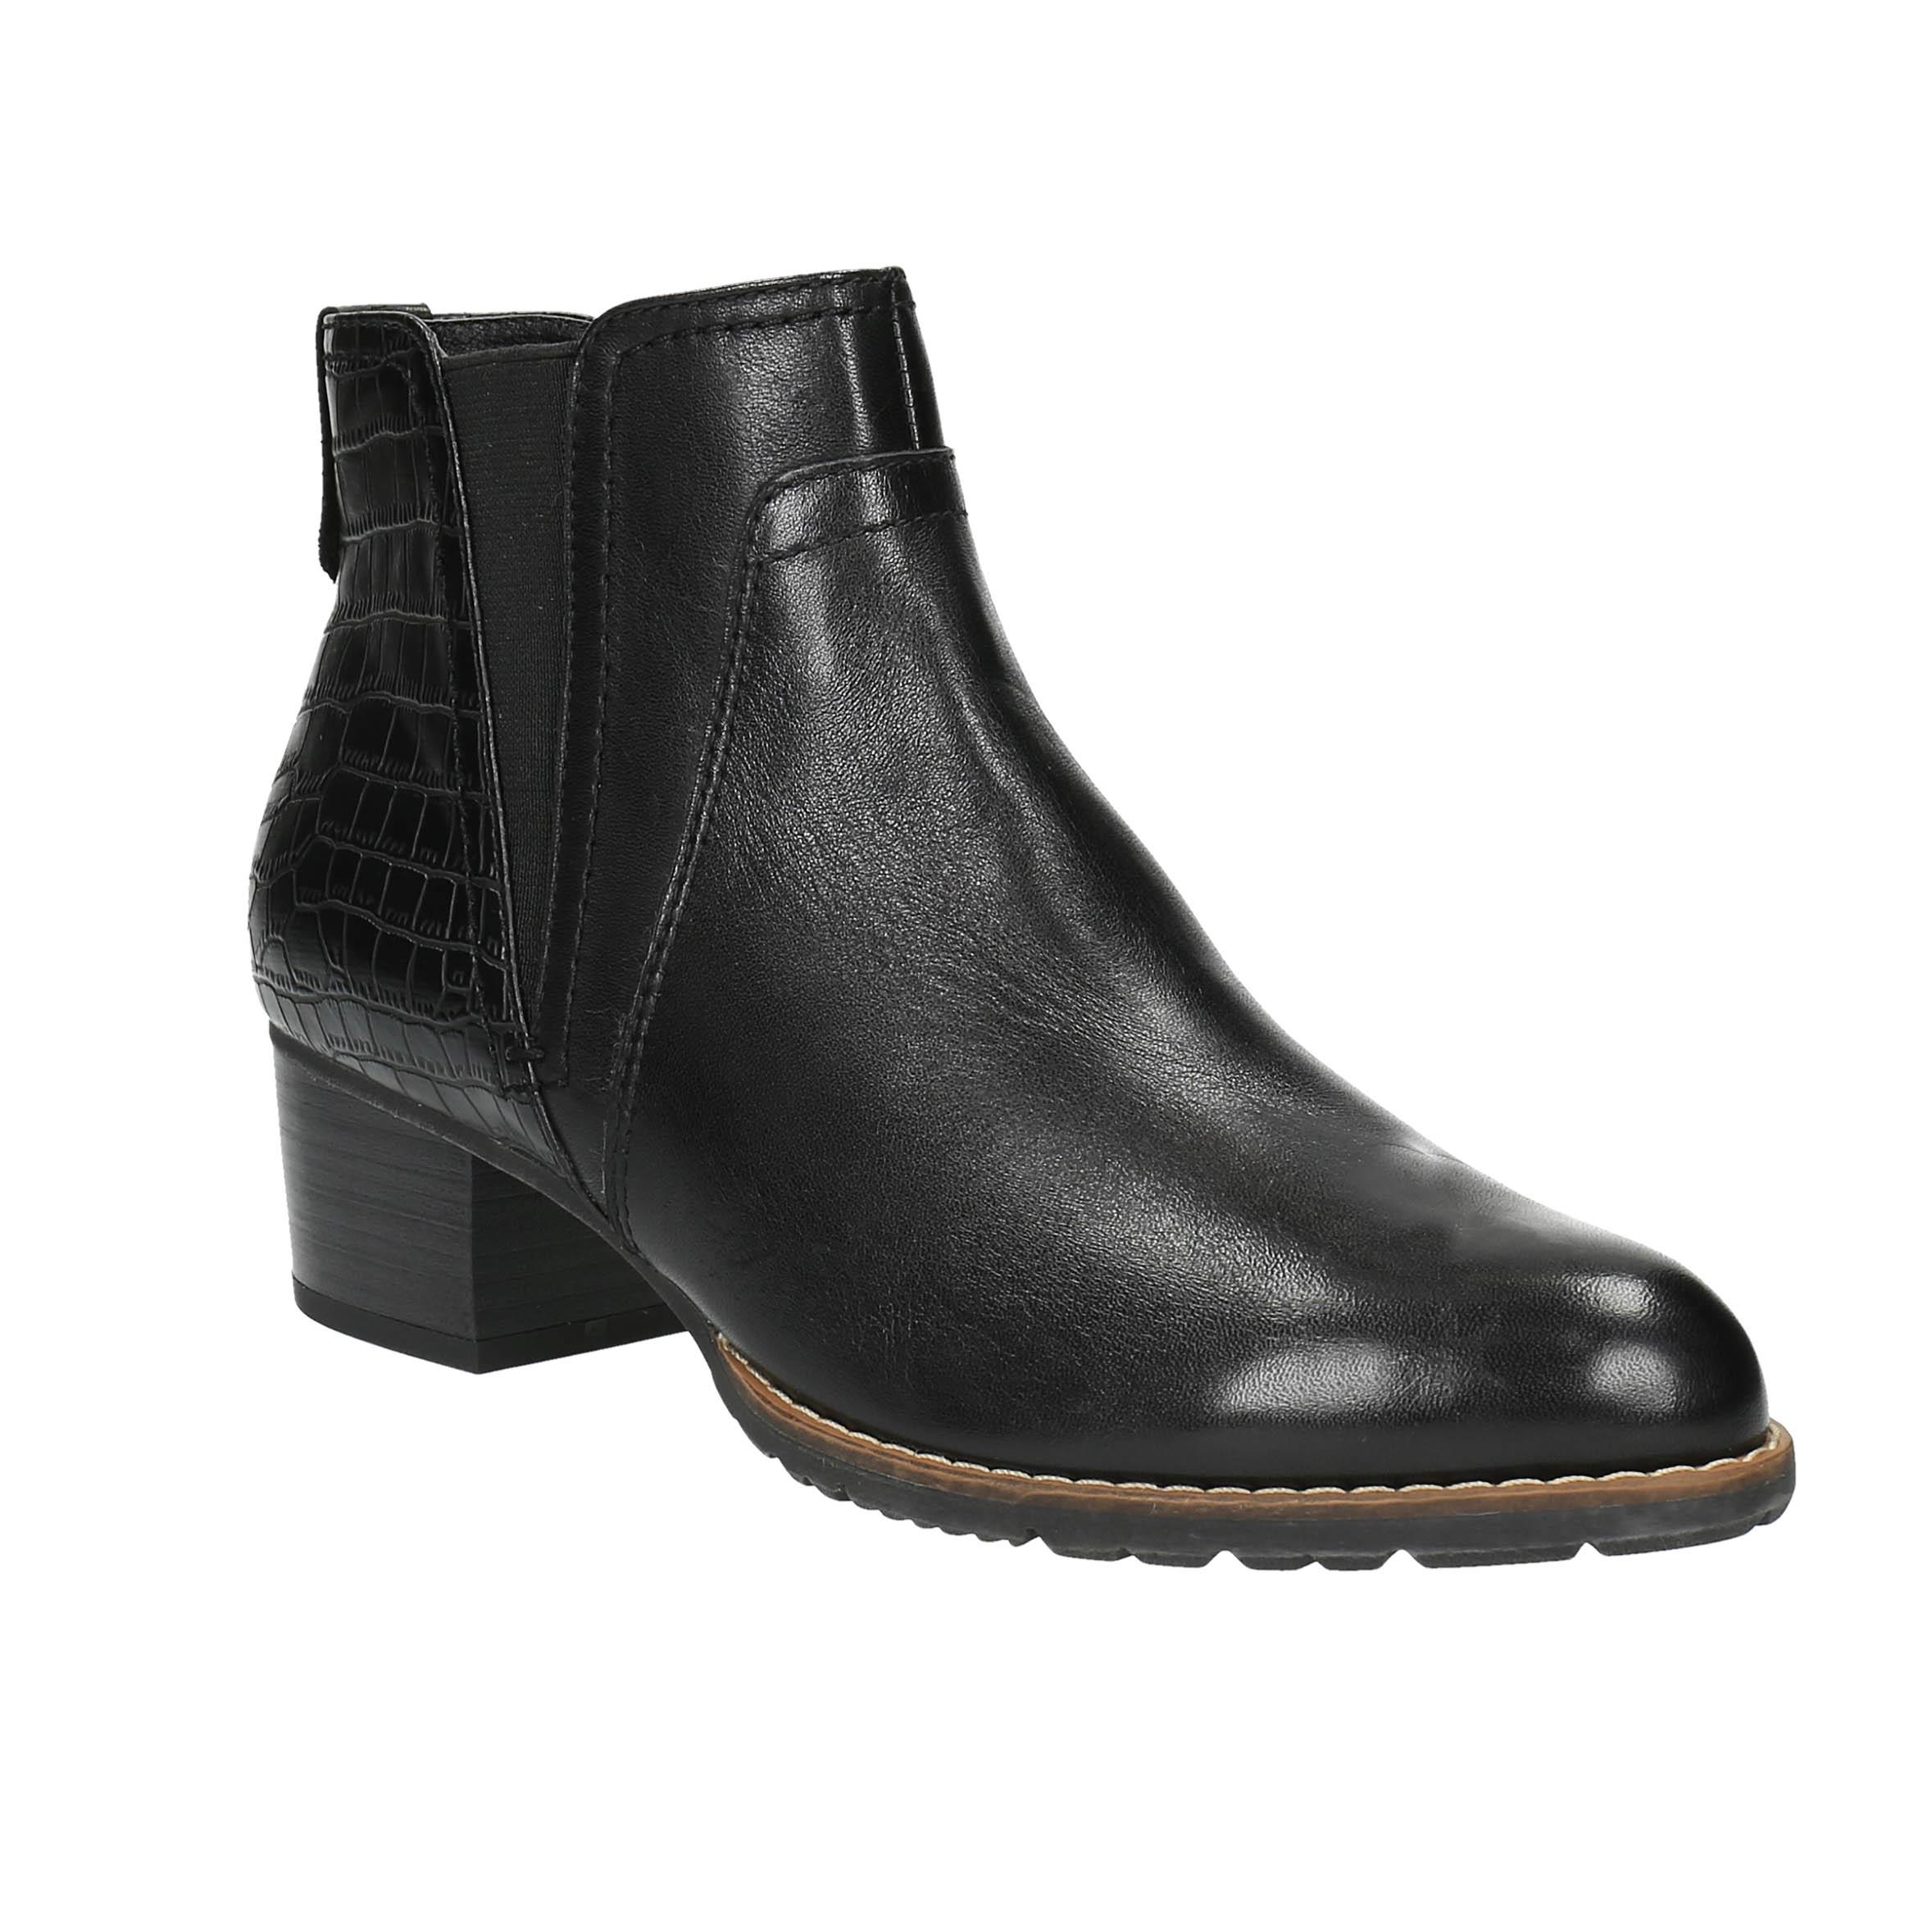 Dámska členková obuv šírky H   c1e846cc125